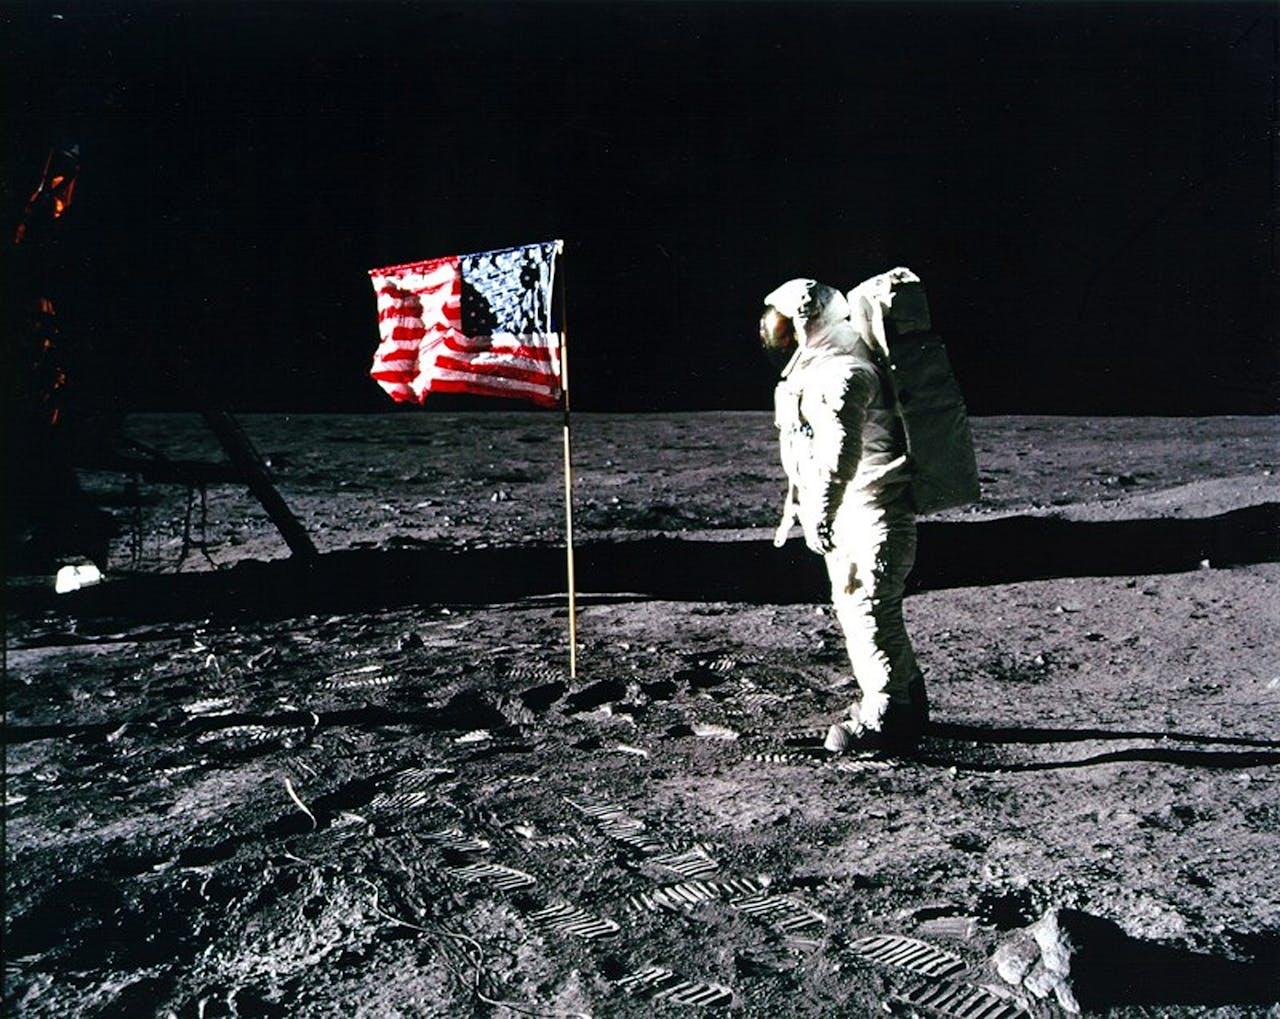 20 juli 1969 - Edwin 'Buzz' Aldrin, de tweede man op de maan.